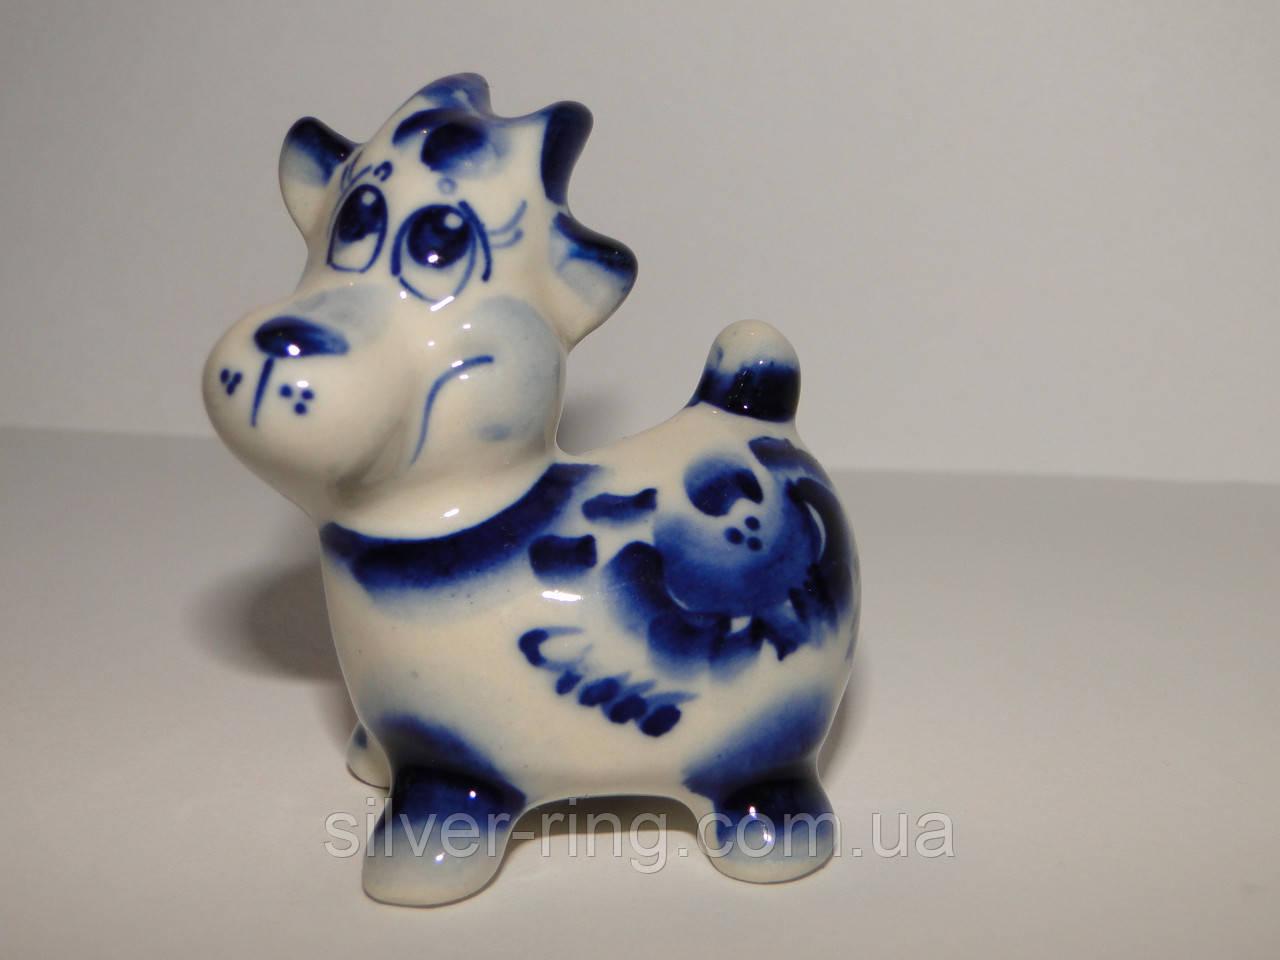 Подарок на новый год - синяя коза